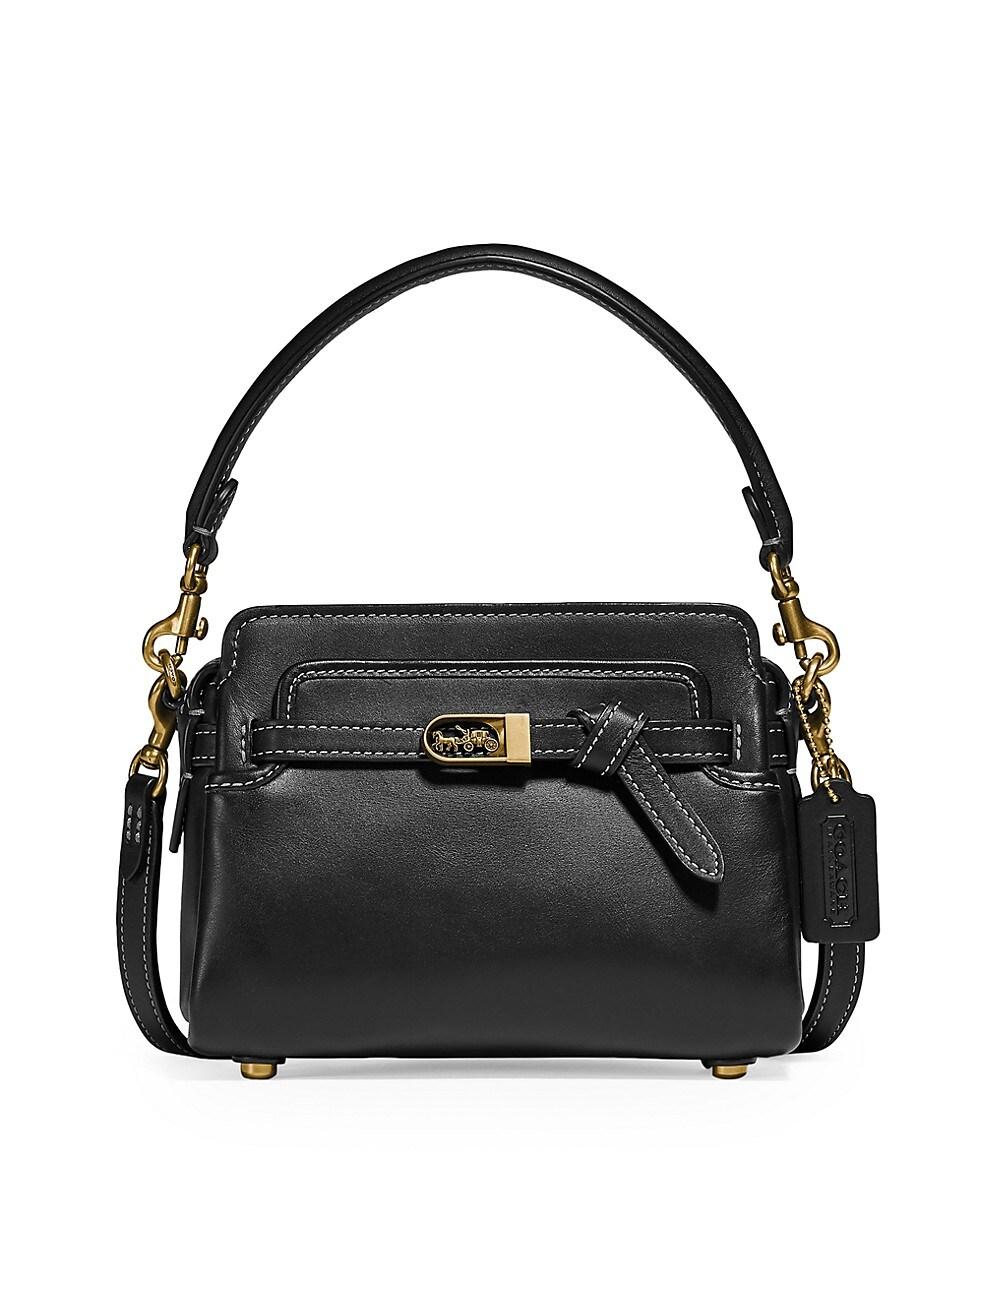 코치 크로스바디백 COACH Tate 18 Leather Crossbody Bag,BLACK